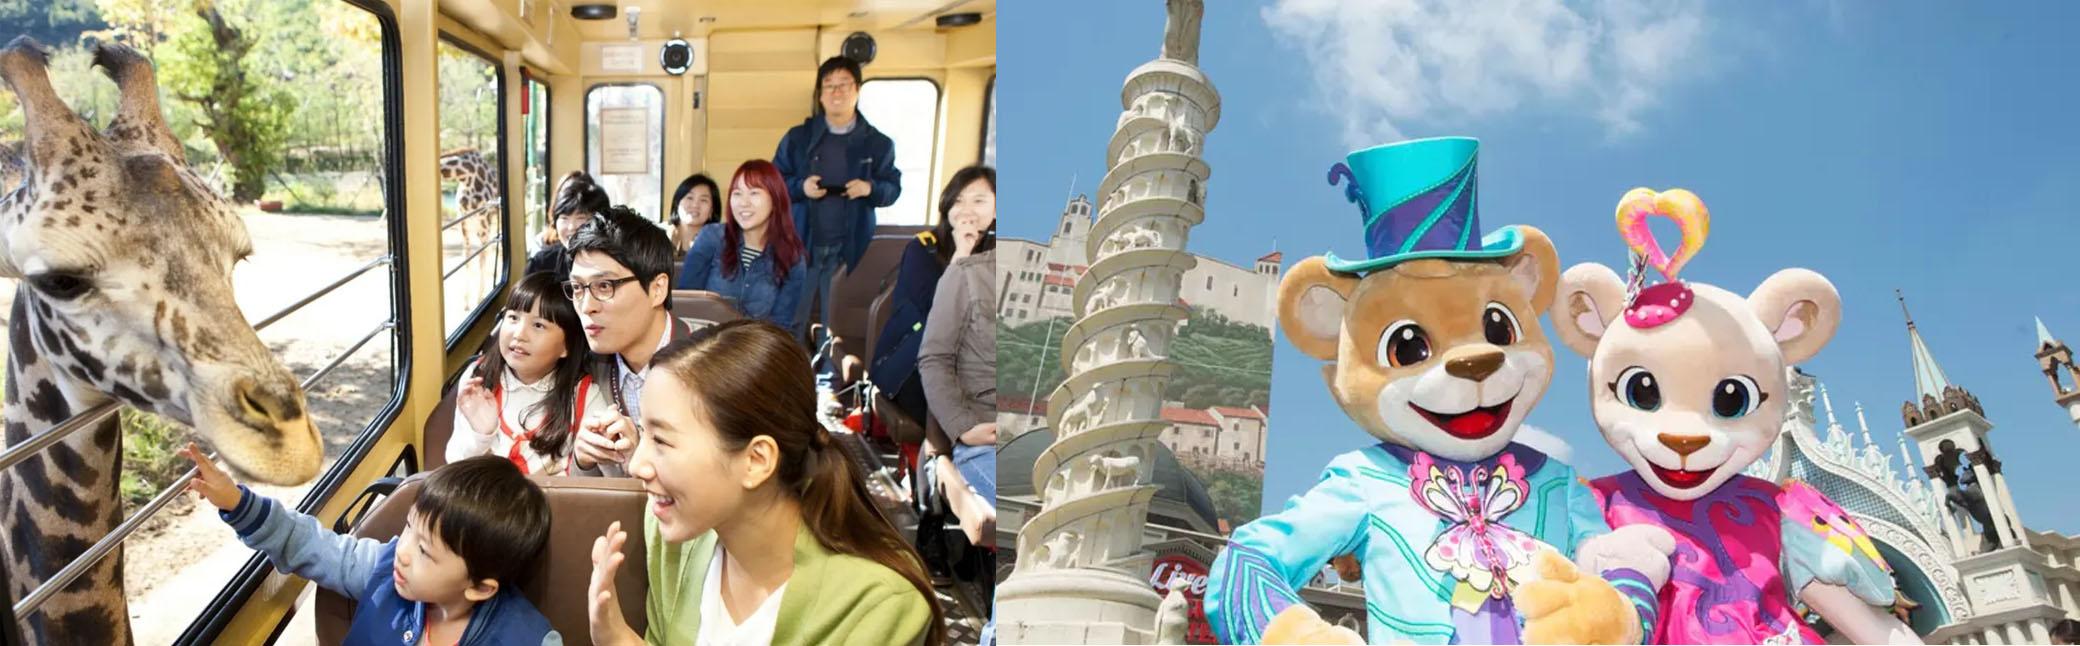 เกาหลี บัตรเข้าสวนสนุกเอเวอร์แลนด์ (Everland) (เข้าได้โดยตรงด้วย QR Code)